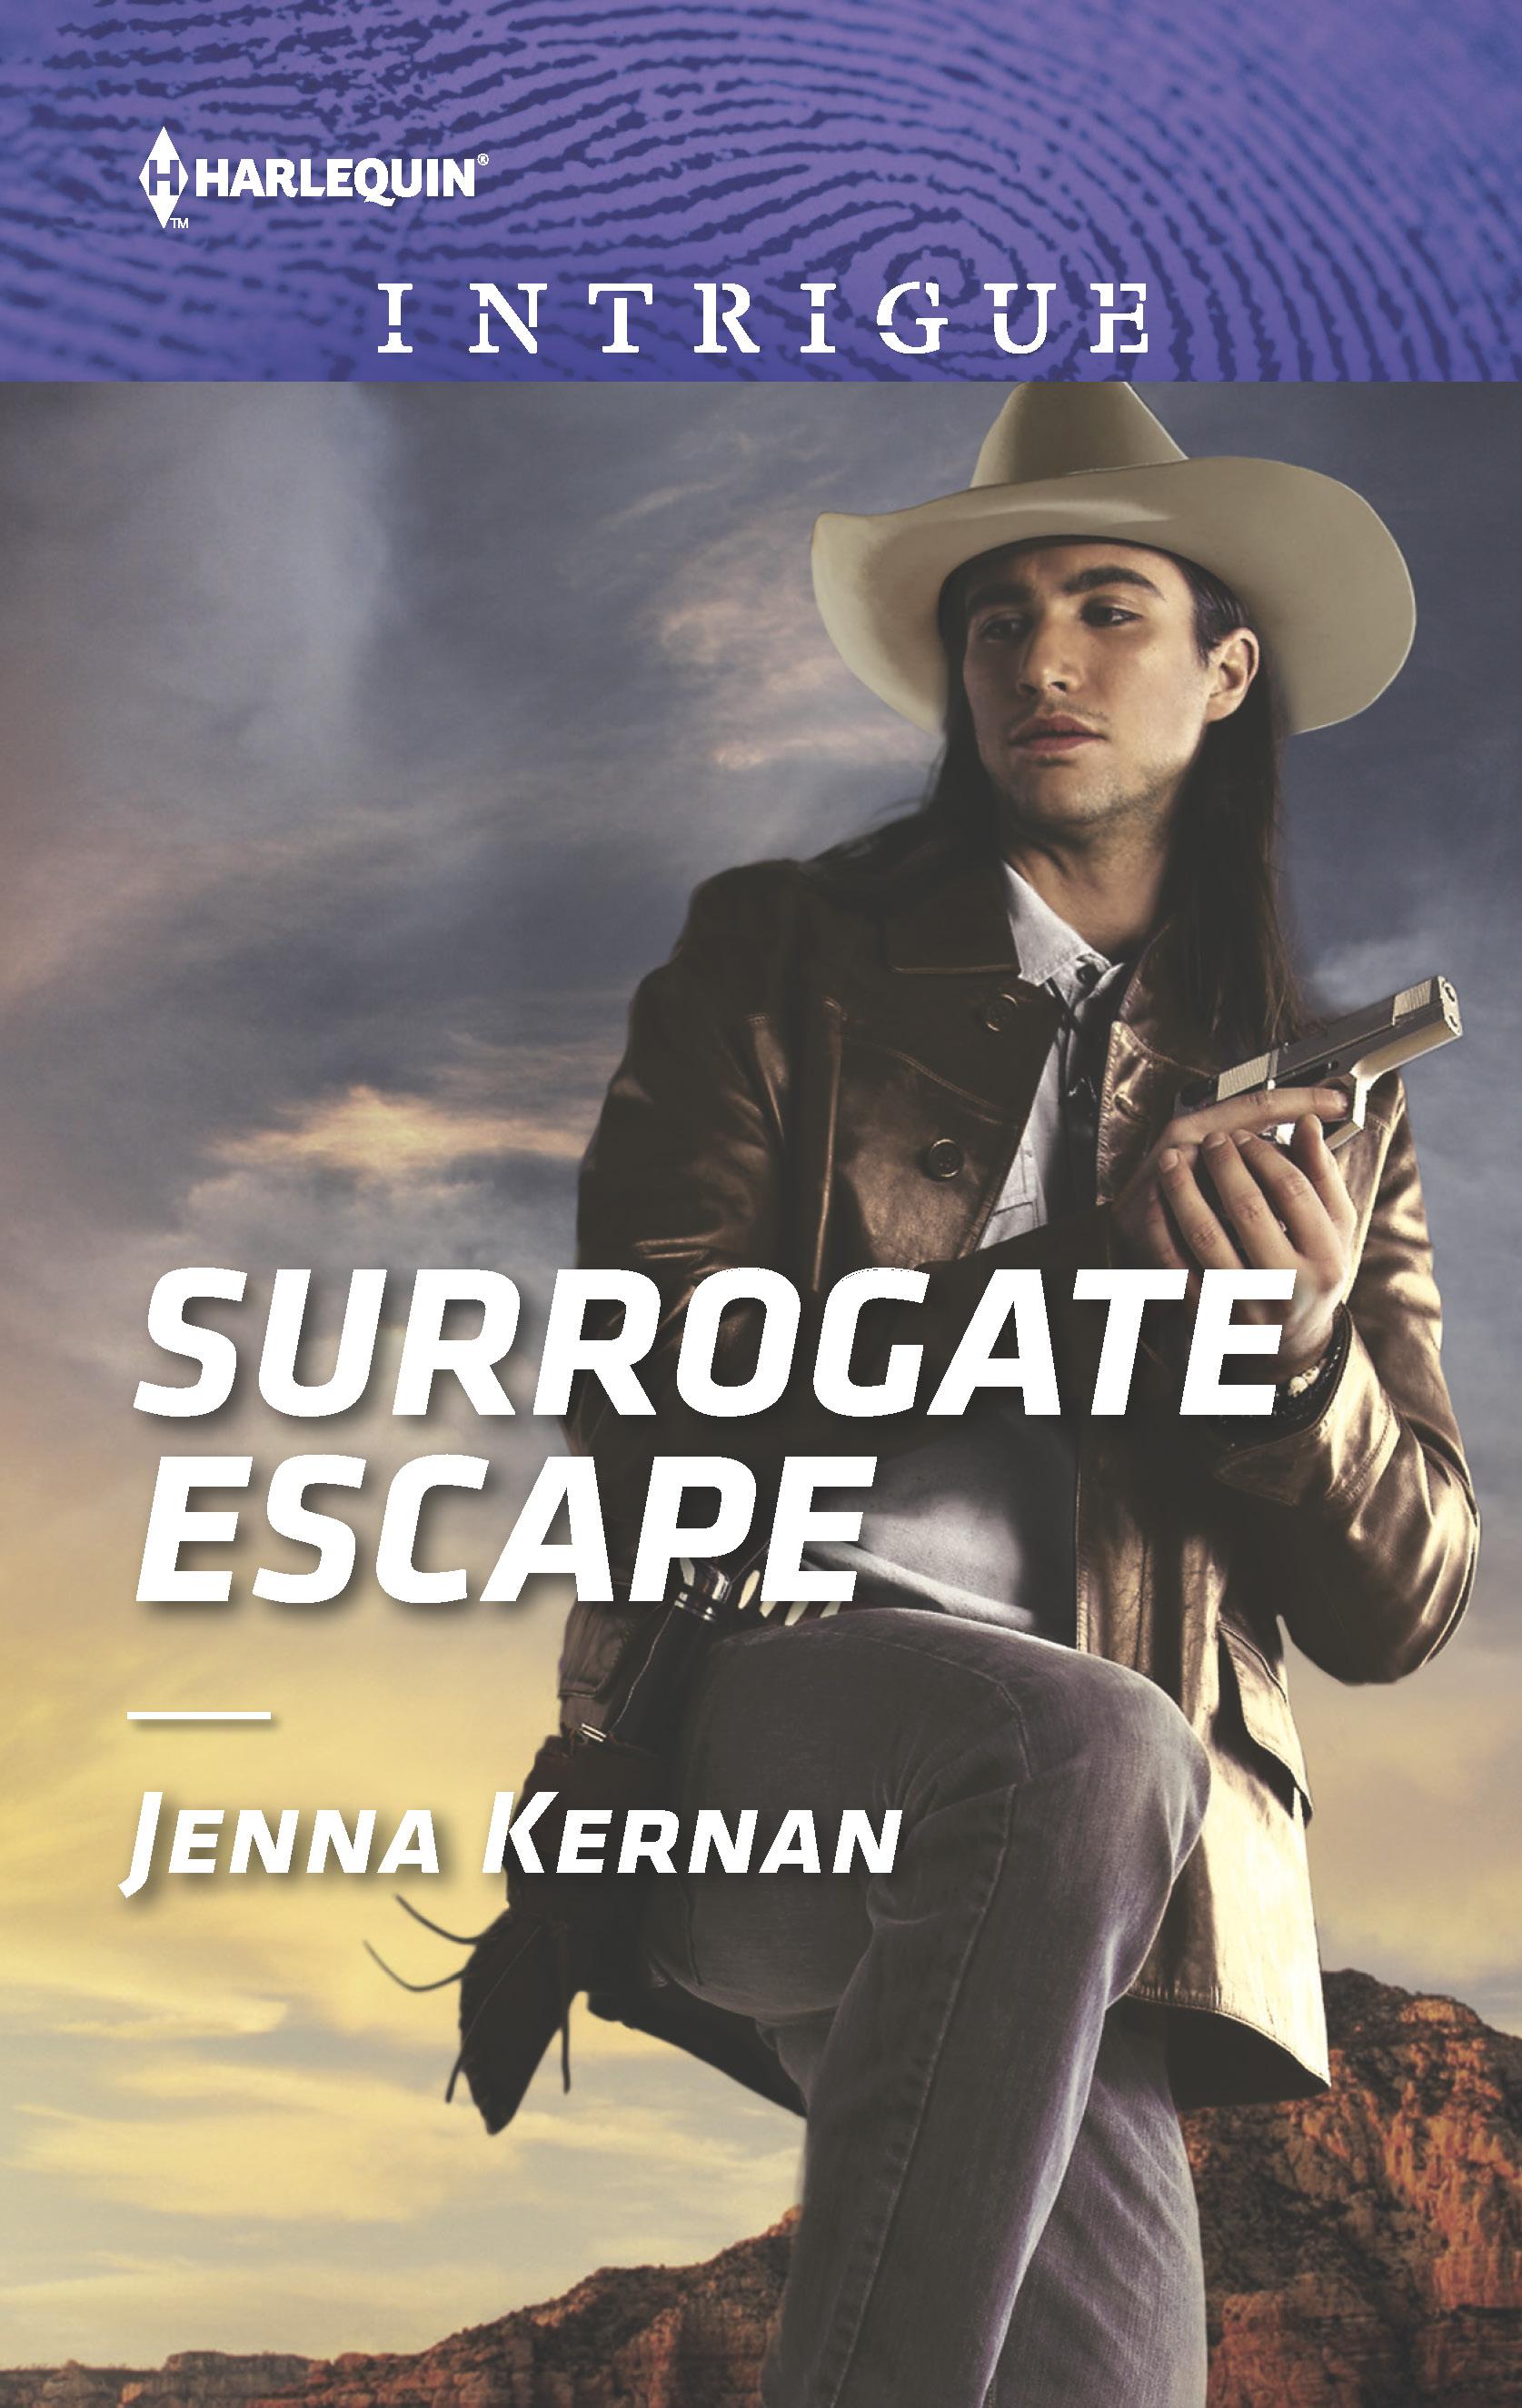 Surrogate Escape